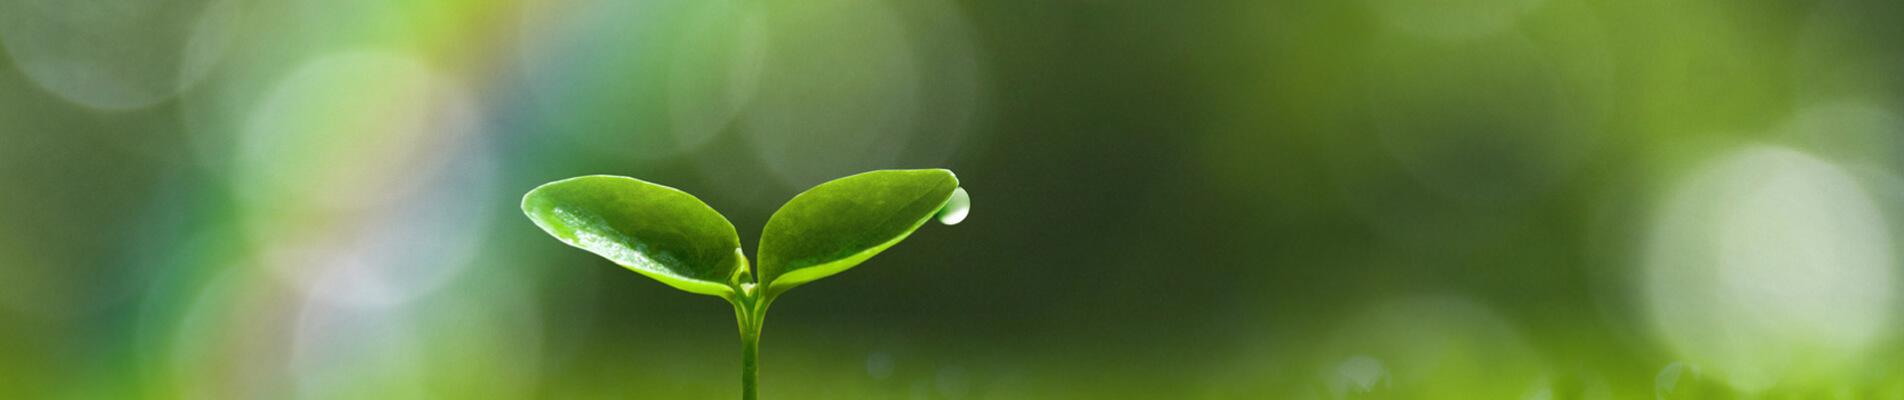 Guida ai Sistemi di Gestione Ambientale